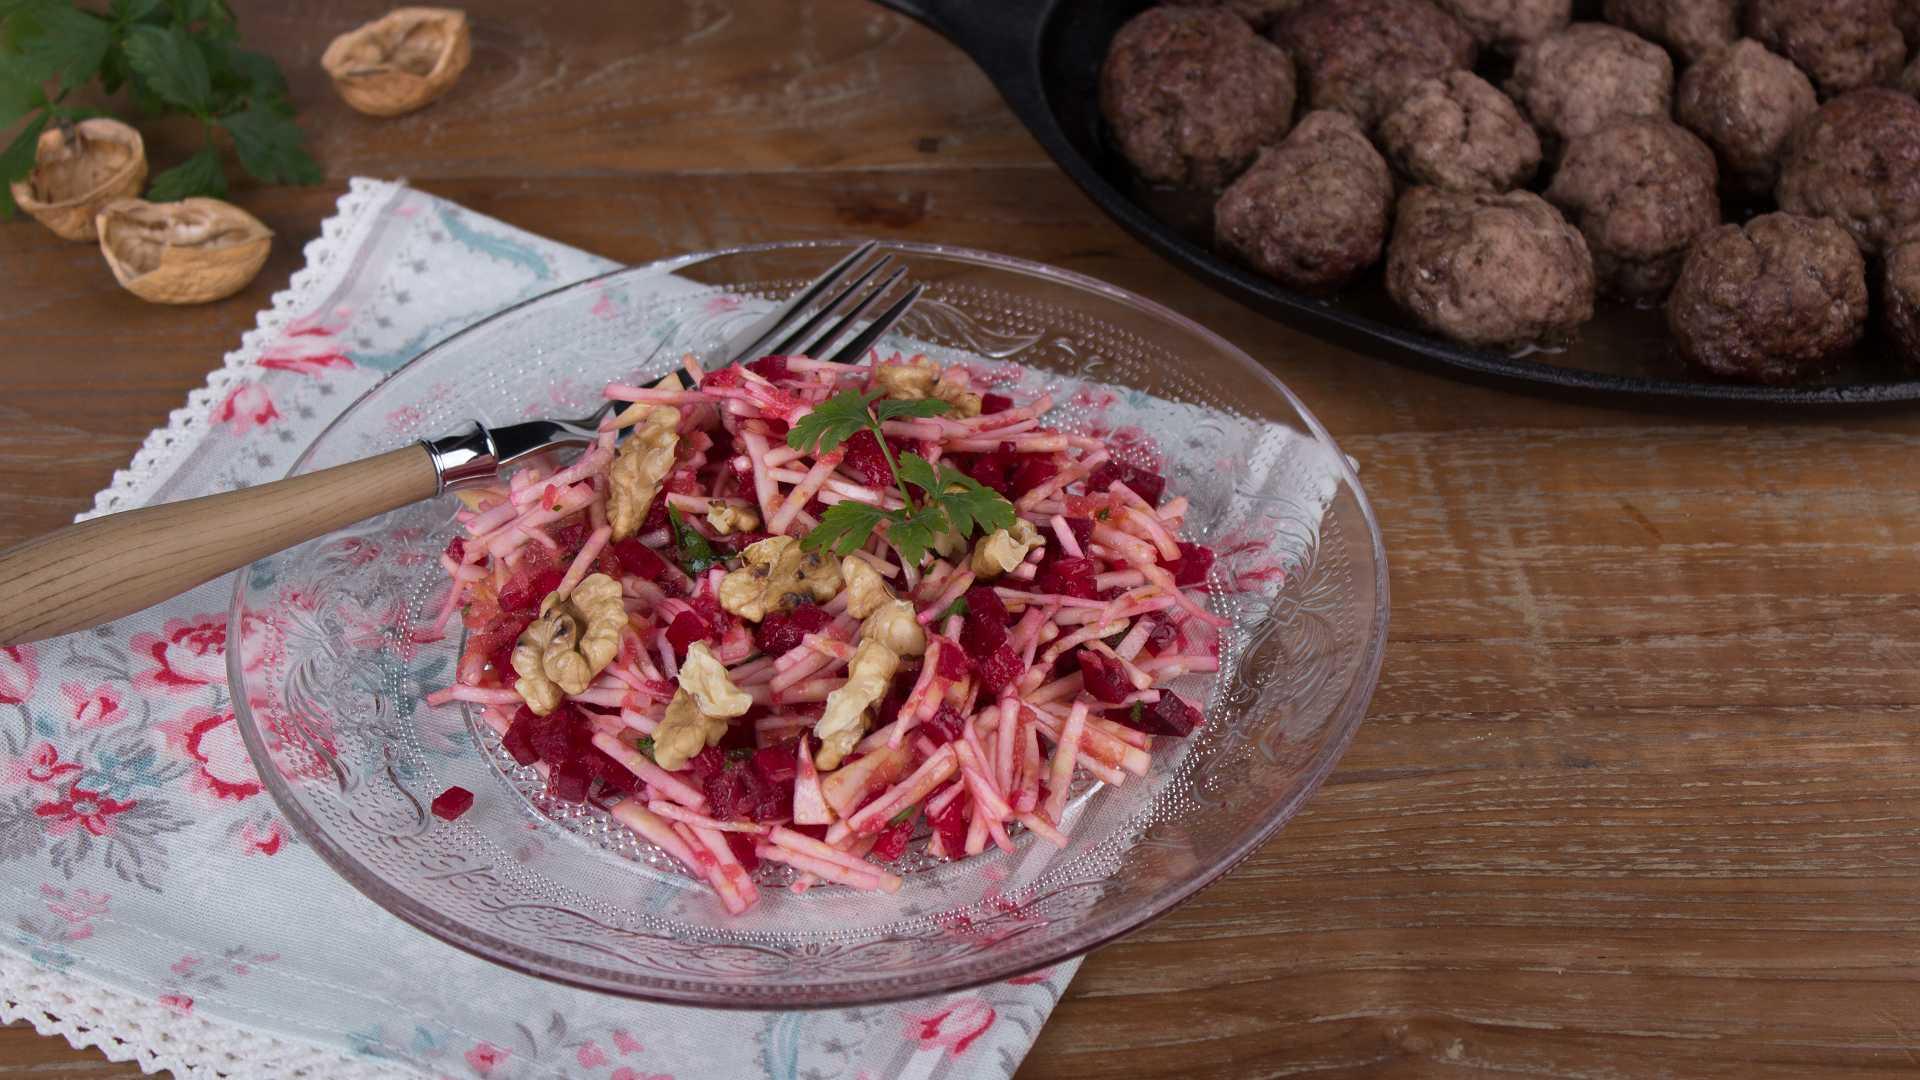 Auf einem Glasteller ist ein Sellerie-Rote-Bete Salat angerichtet, im Hintergrund ist eine Pfanne mit Hackbällchen